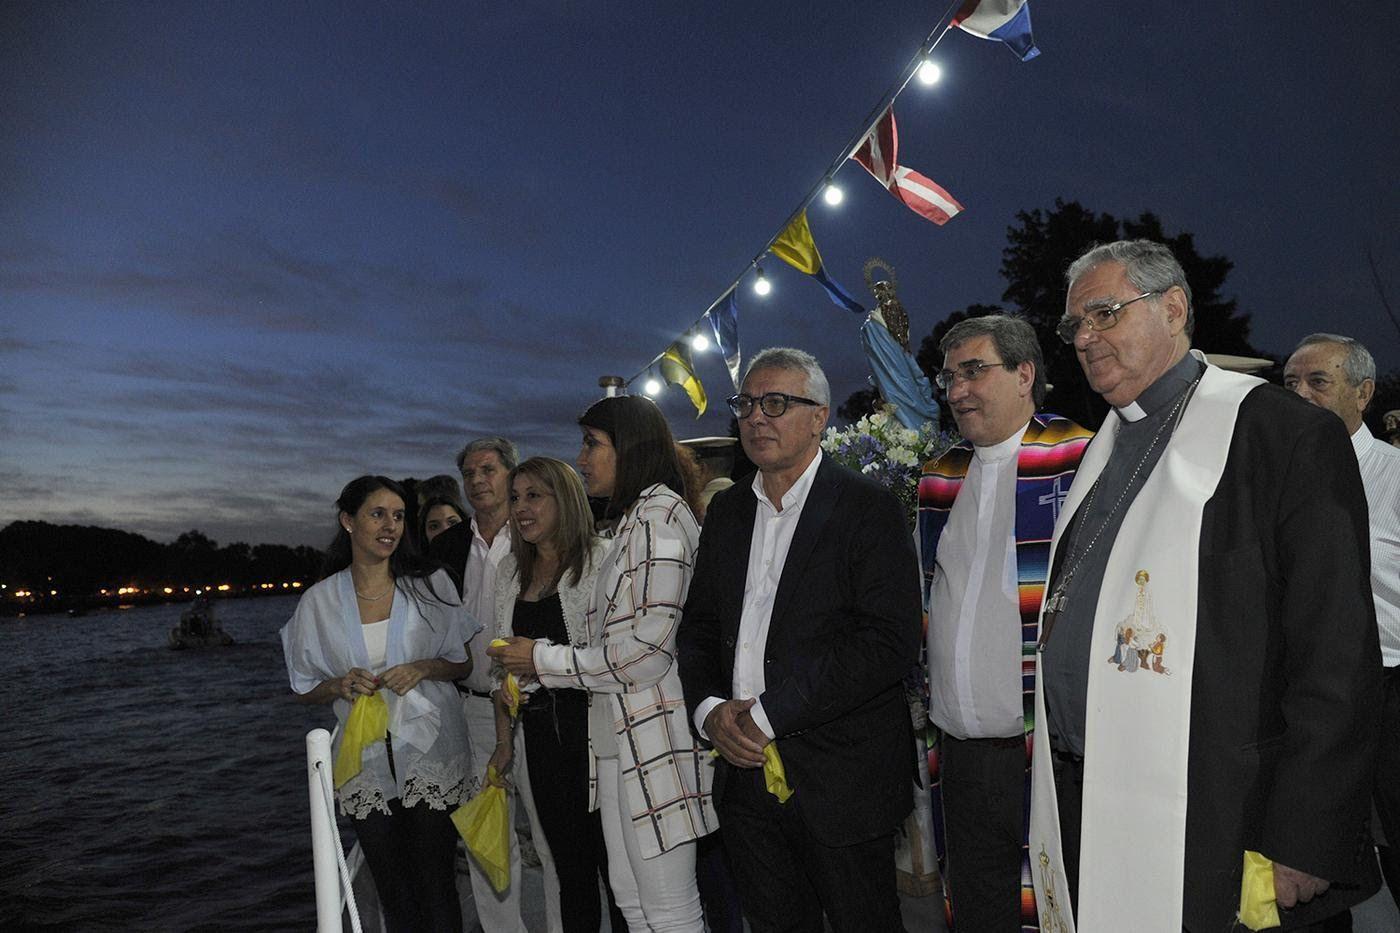 Tigre se prepara para los festejos por el 70° aniversario del Día de la Virgen